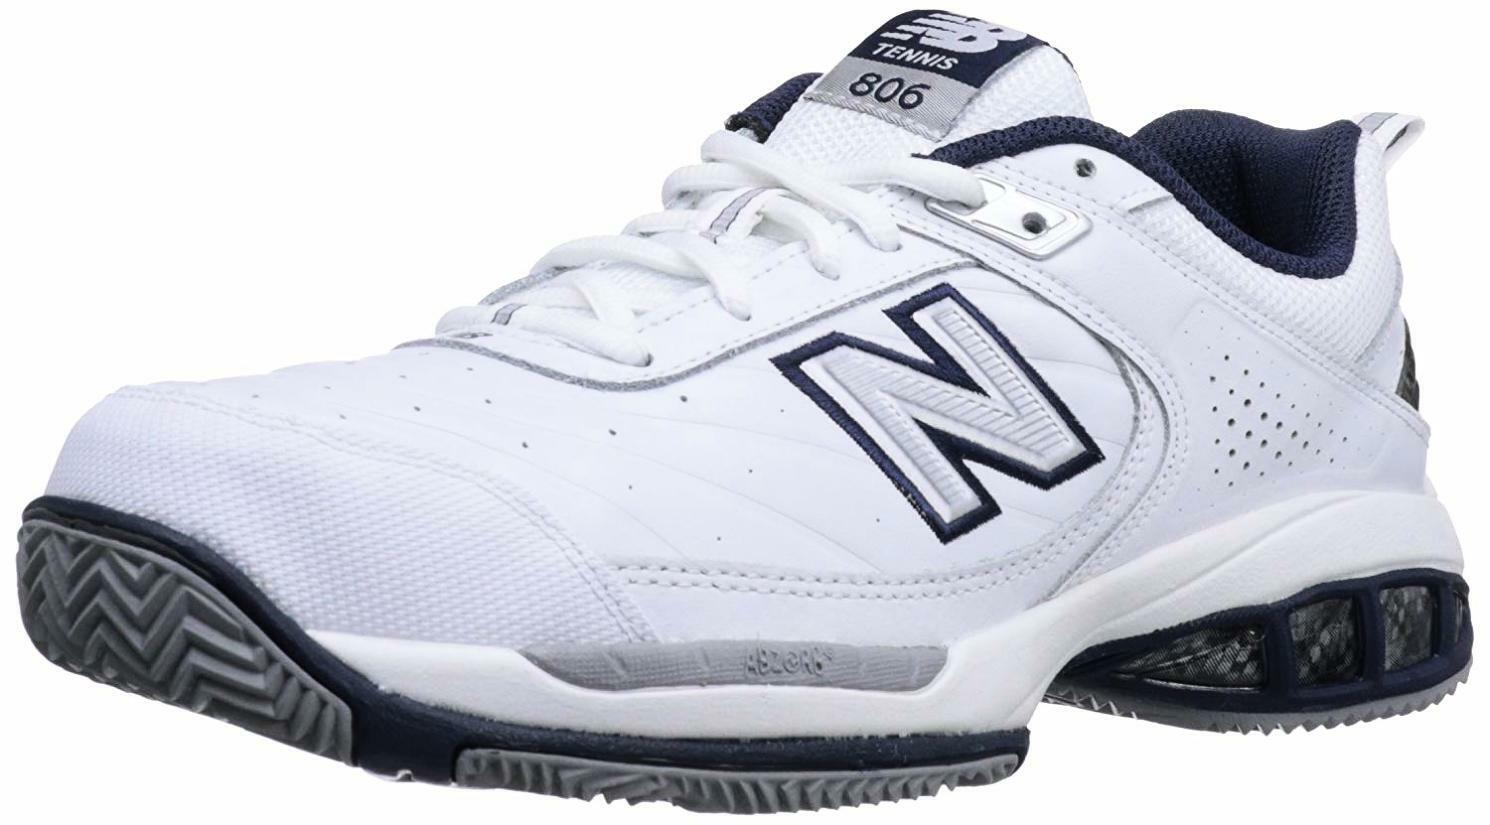 New Balance Men's mc806 Tennis shoes - Choose SZ color